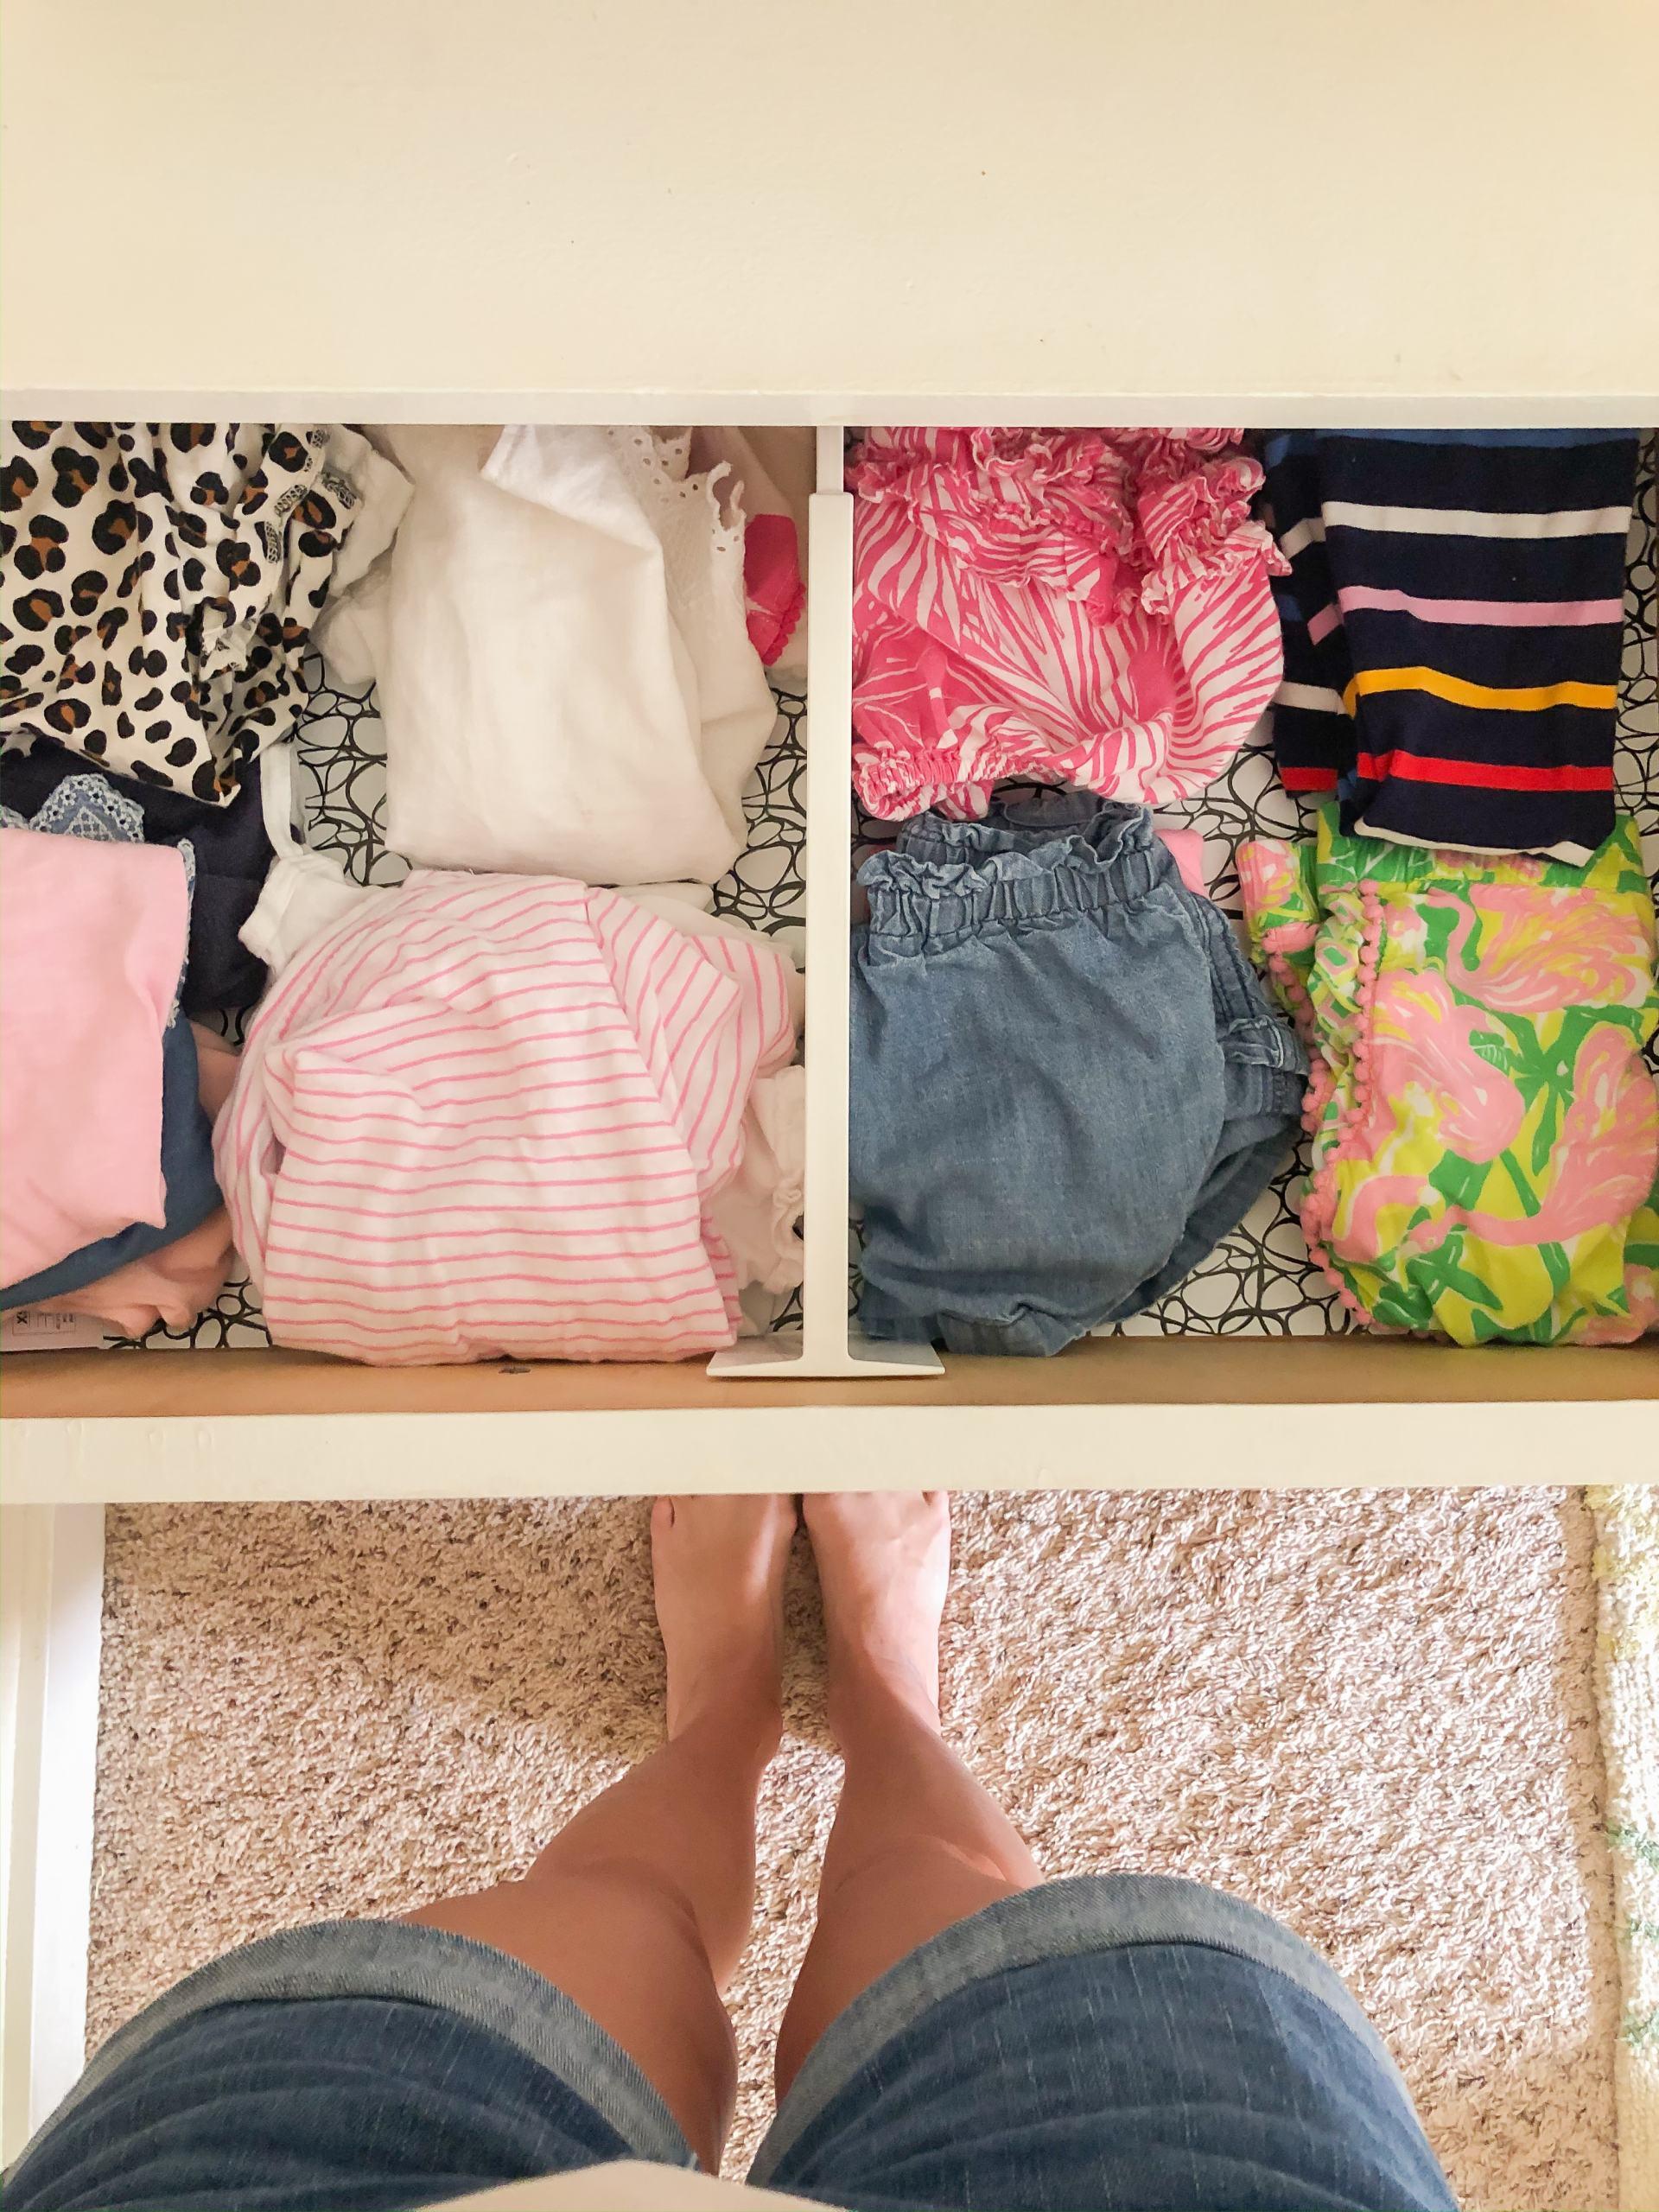 drawer divider - spring loaded drawer divider - mom hack - organization - drawer organization